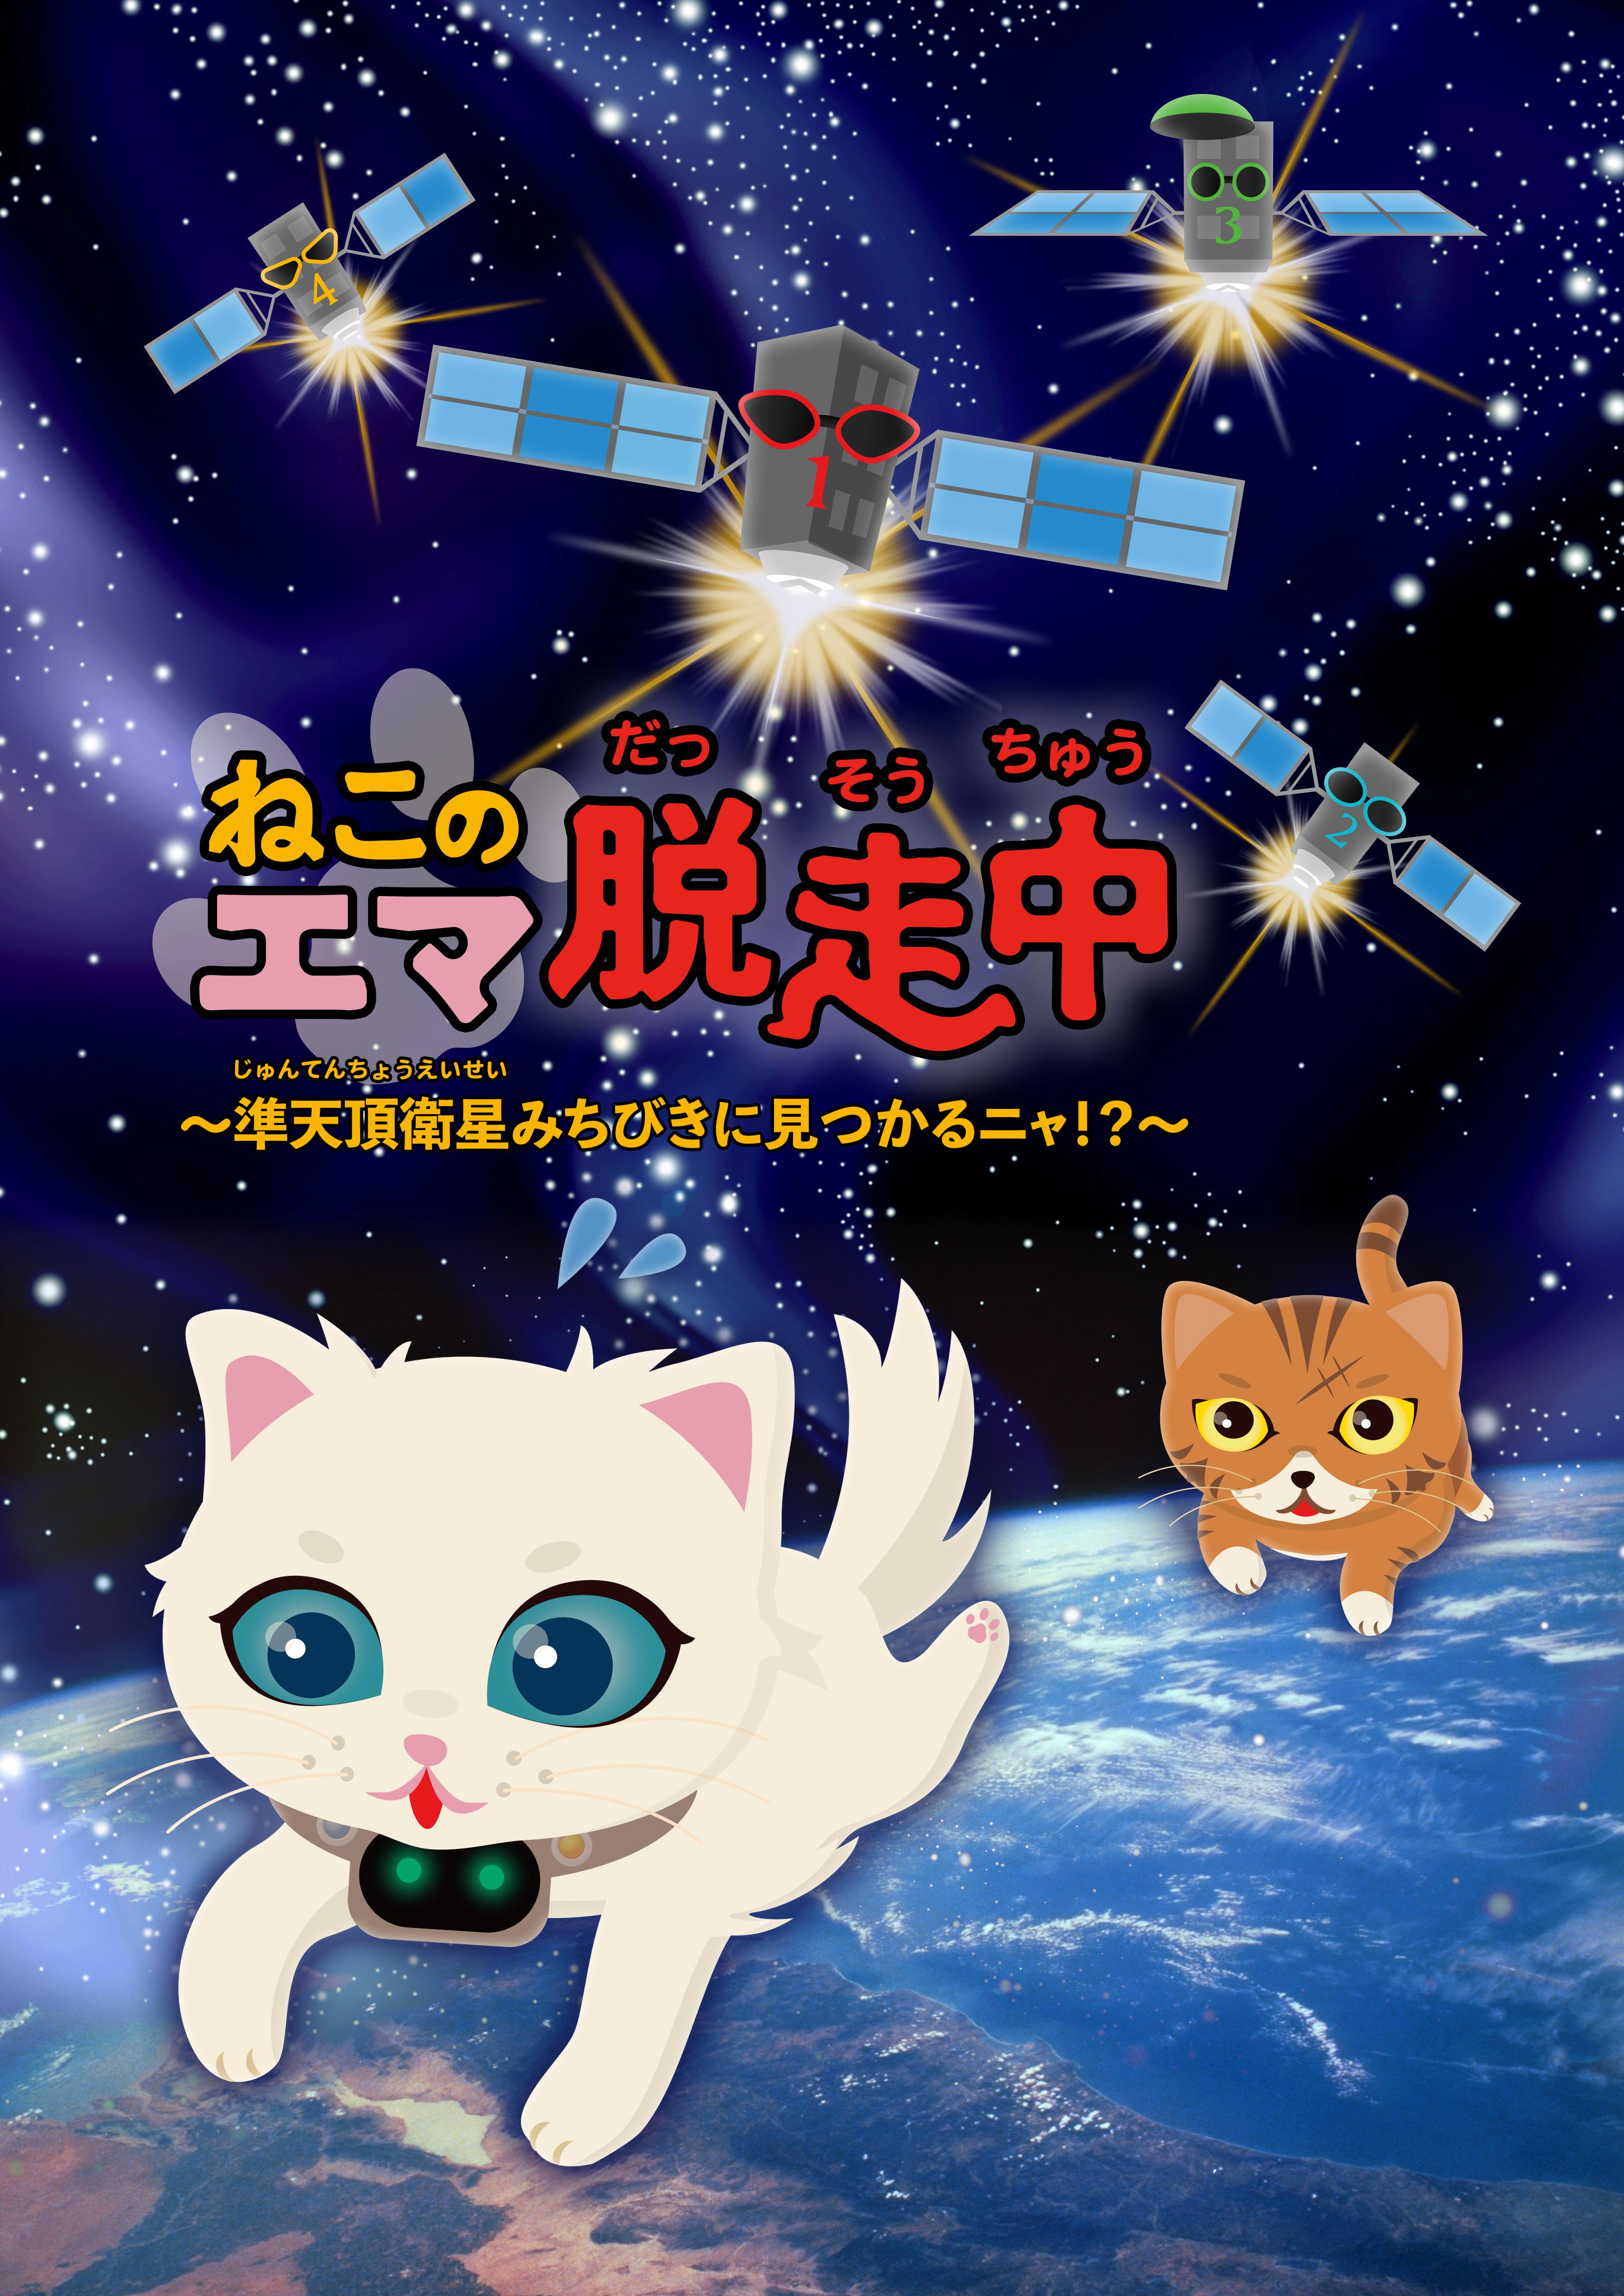 オリジナルプラネタリウム番組<br>「ねこのエマ脱走中<br>~準天頂衛星みちびきに見つかるニャ!?~」